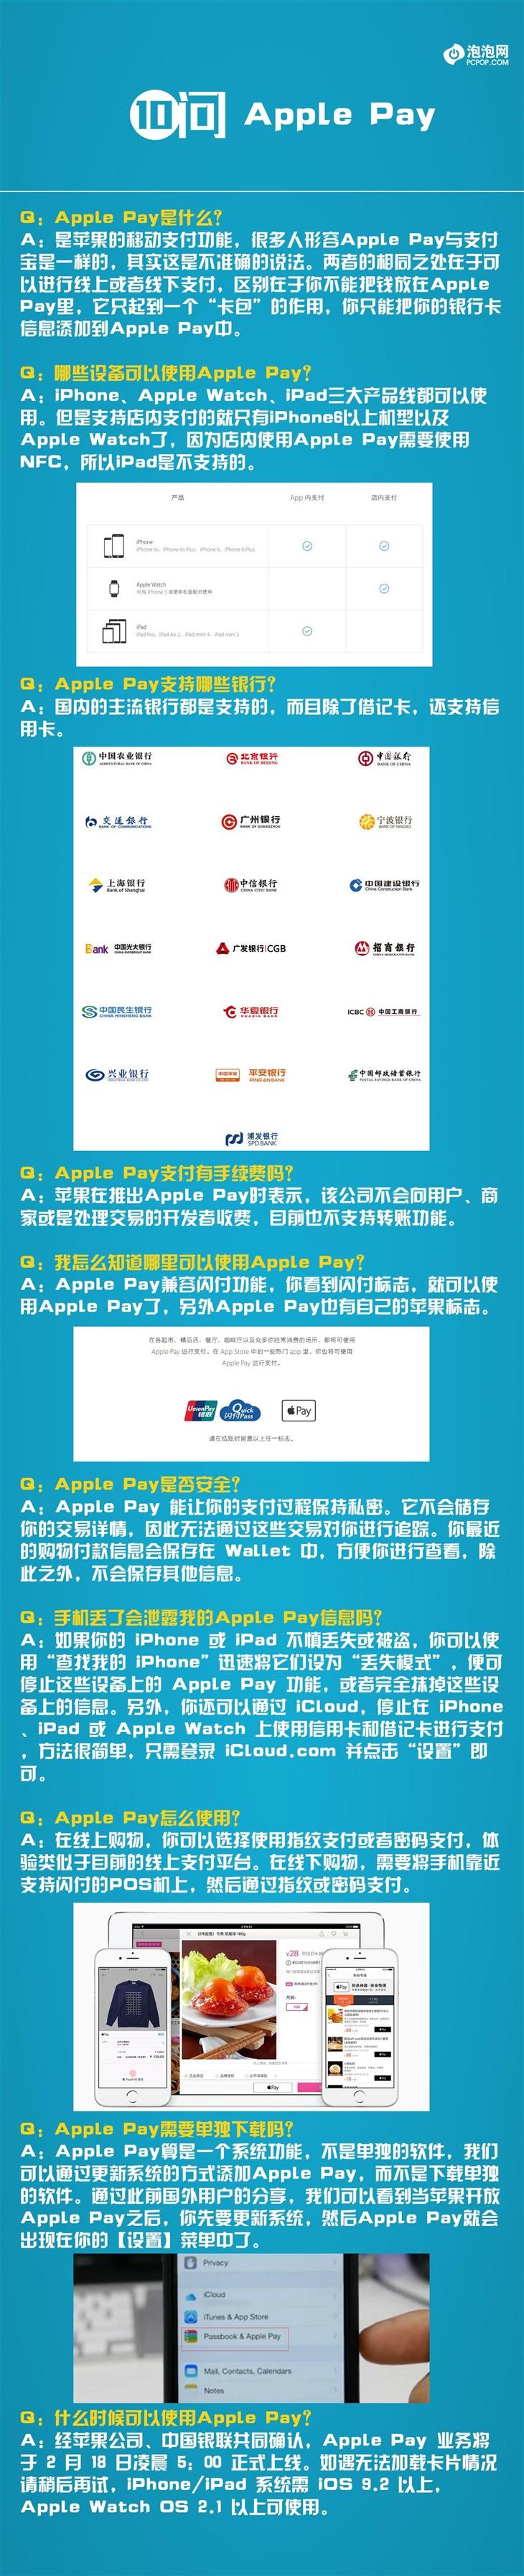 Apple Pay十问十答:支付没有手续费